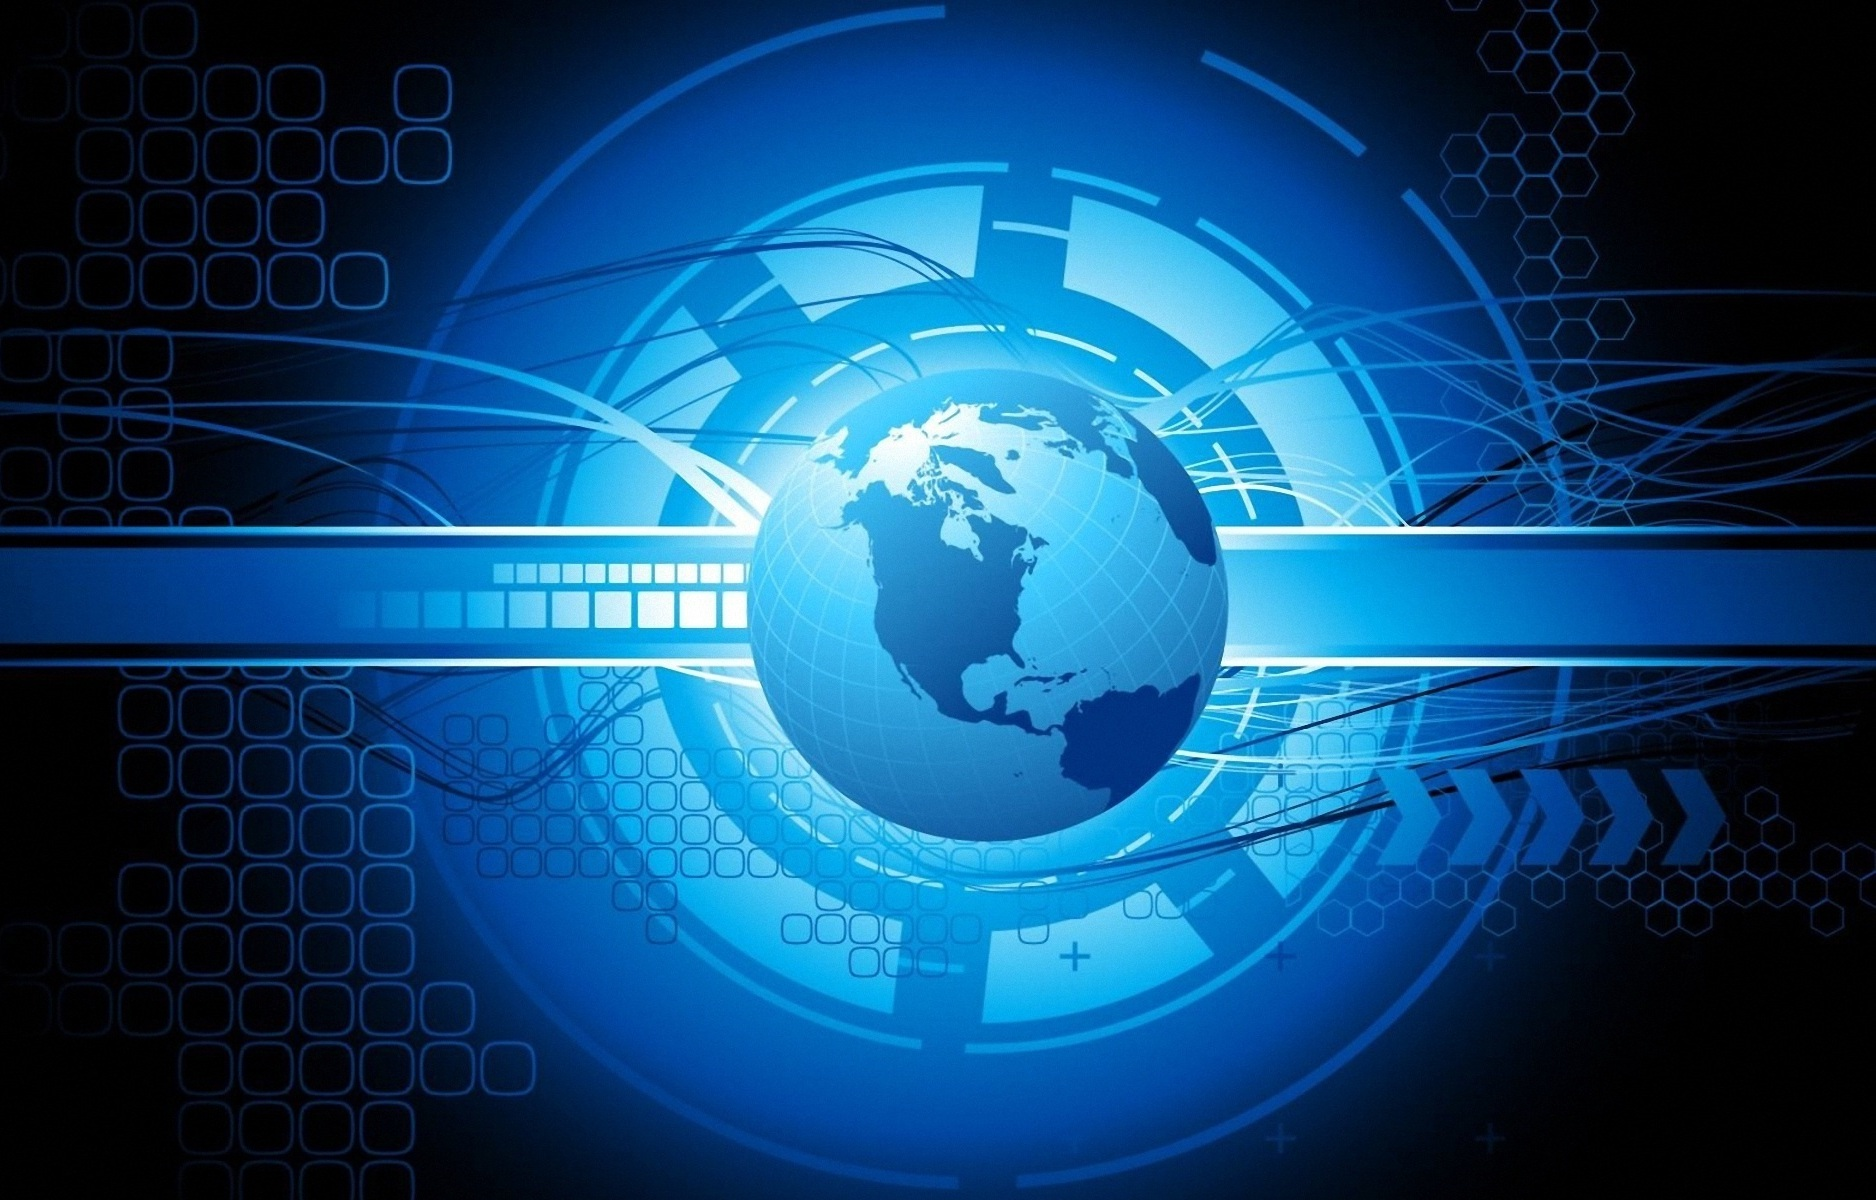 ...для использования в крупных объектах, как более технологичная и гибкая альтернатива системам чиллер-фанкойл.